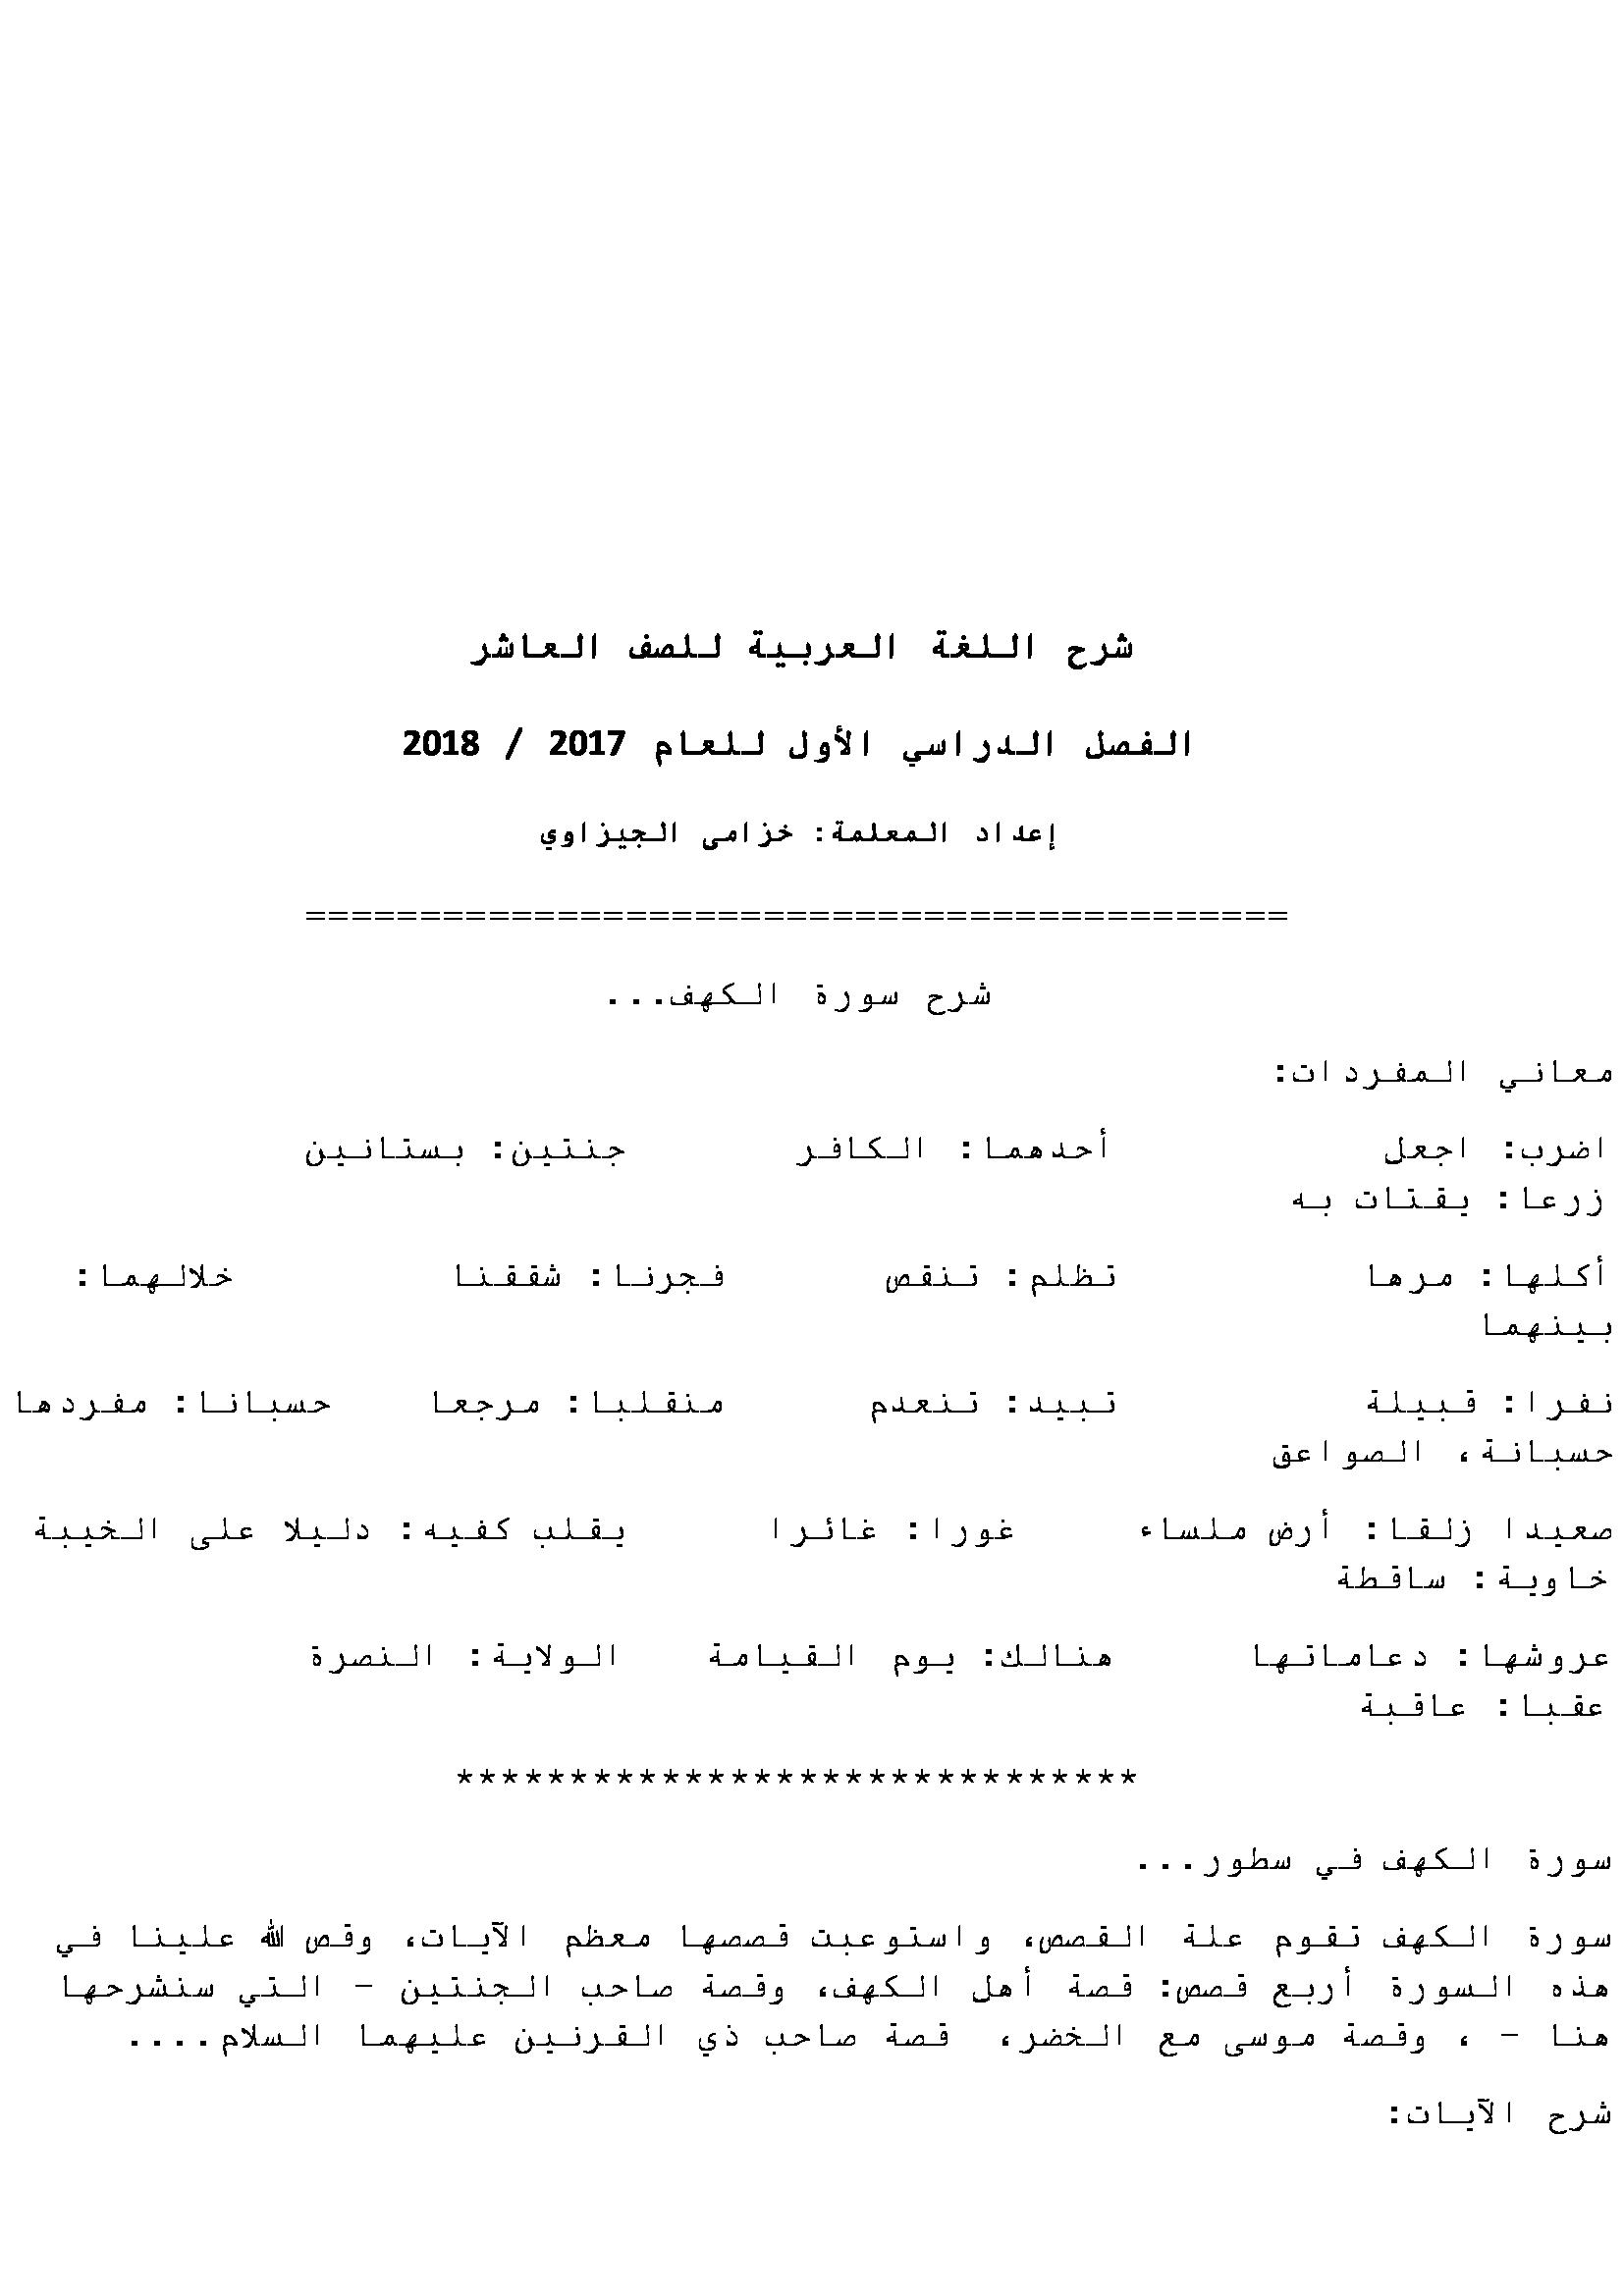 شرح سورة الكهف لمبحث اللغة العربية للصف العاشر فصل أول منتديات